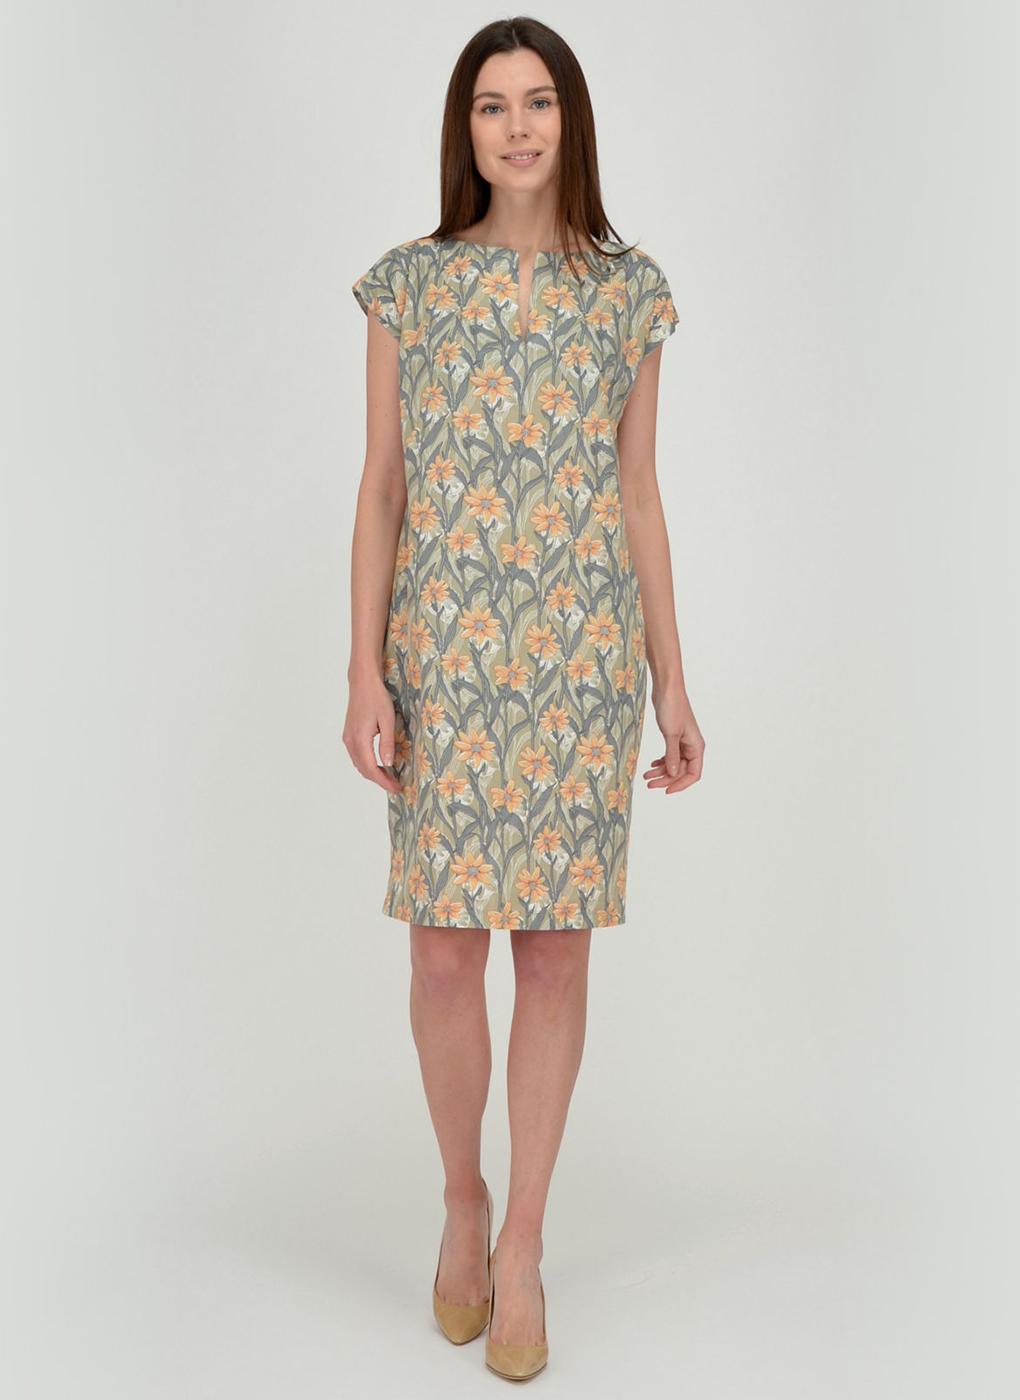 Платье прямое 09, Viserdi фото